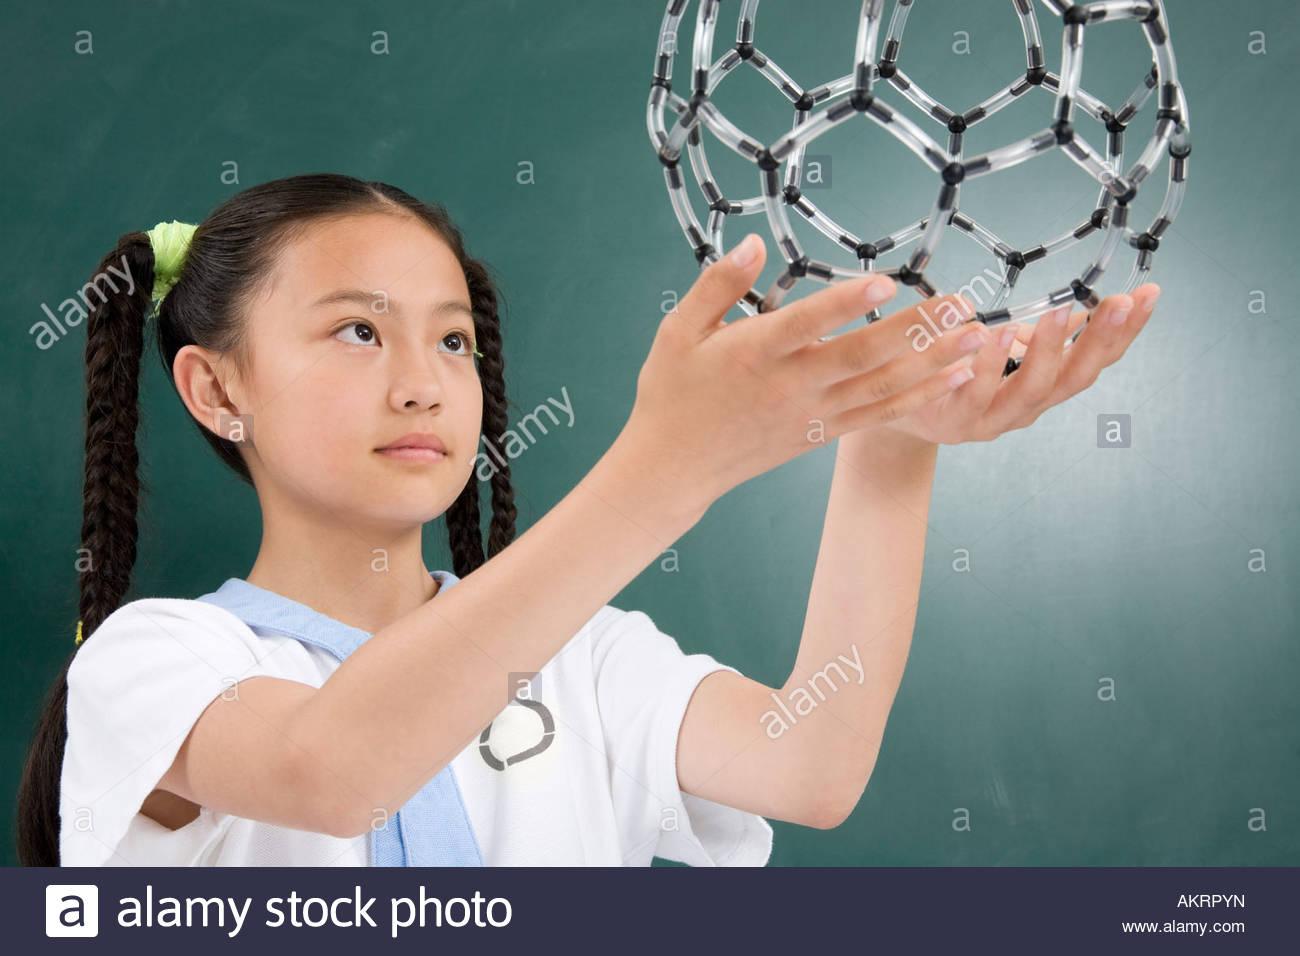 Une jeune fille tenant un modèle scientifique Photo Stock